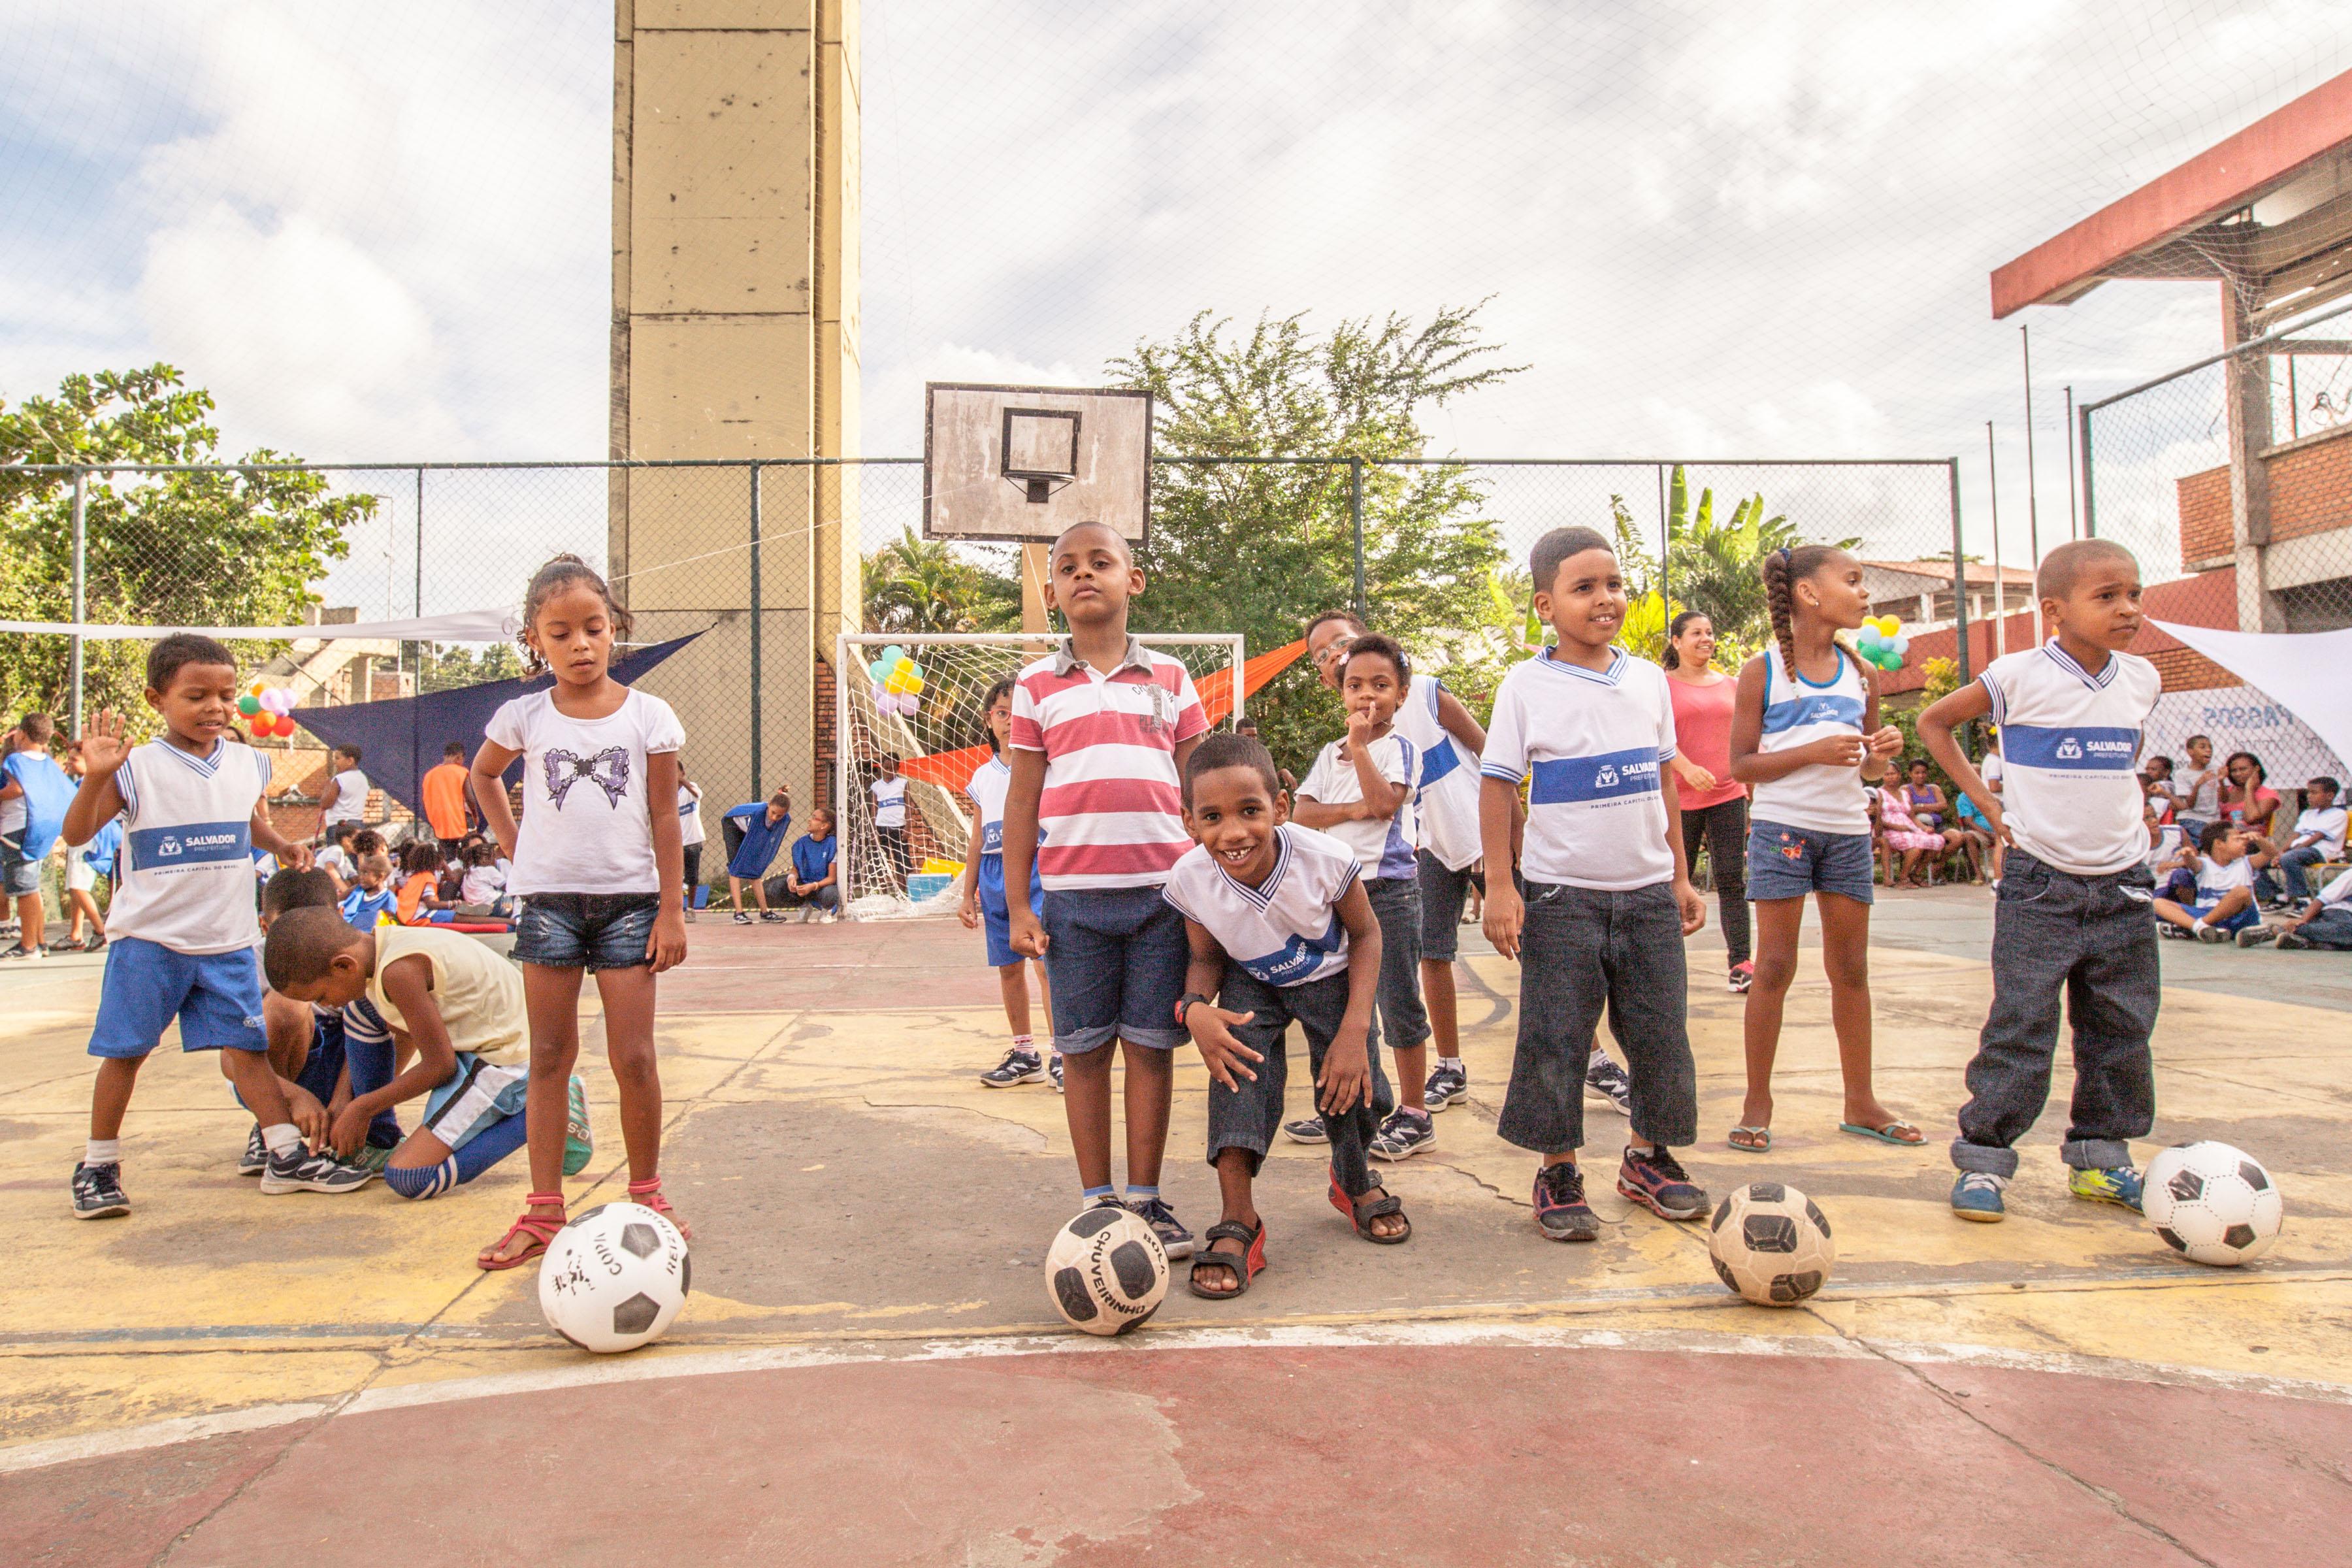 Em uma quadra poliesportiva meninos e meninas sorriem com bolas de futebol nos pés. Está um dia ensolarado e há árvores no fundo da quadra.